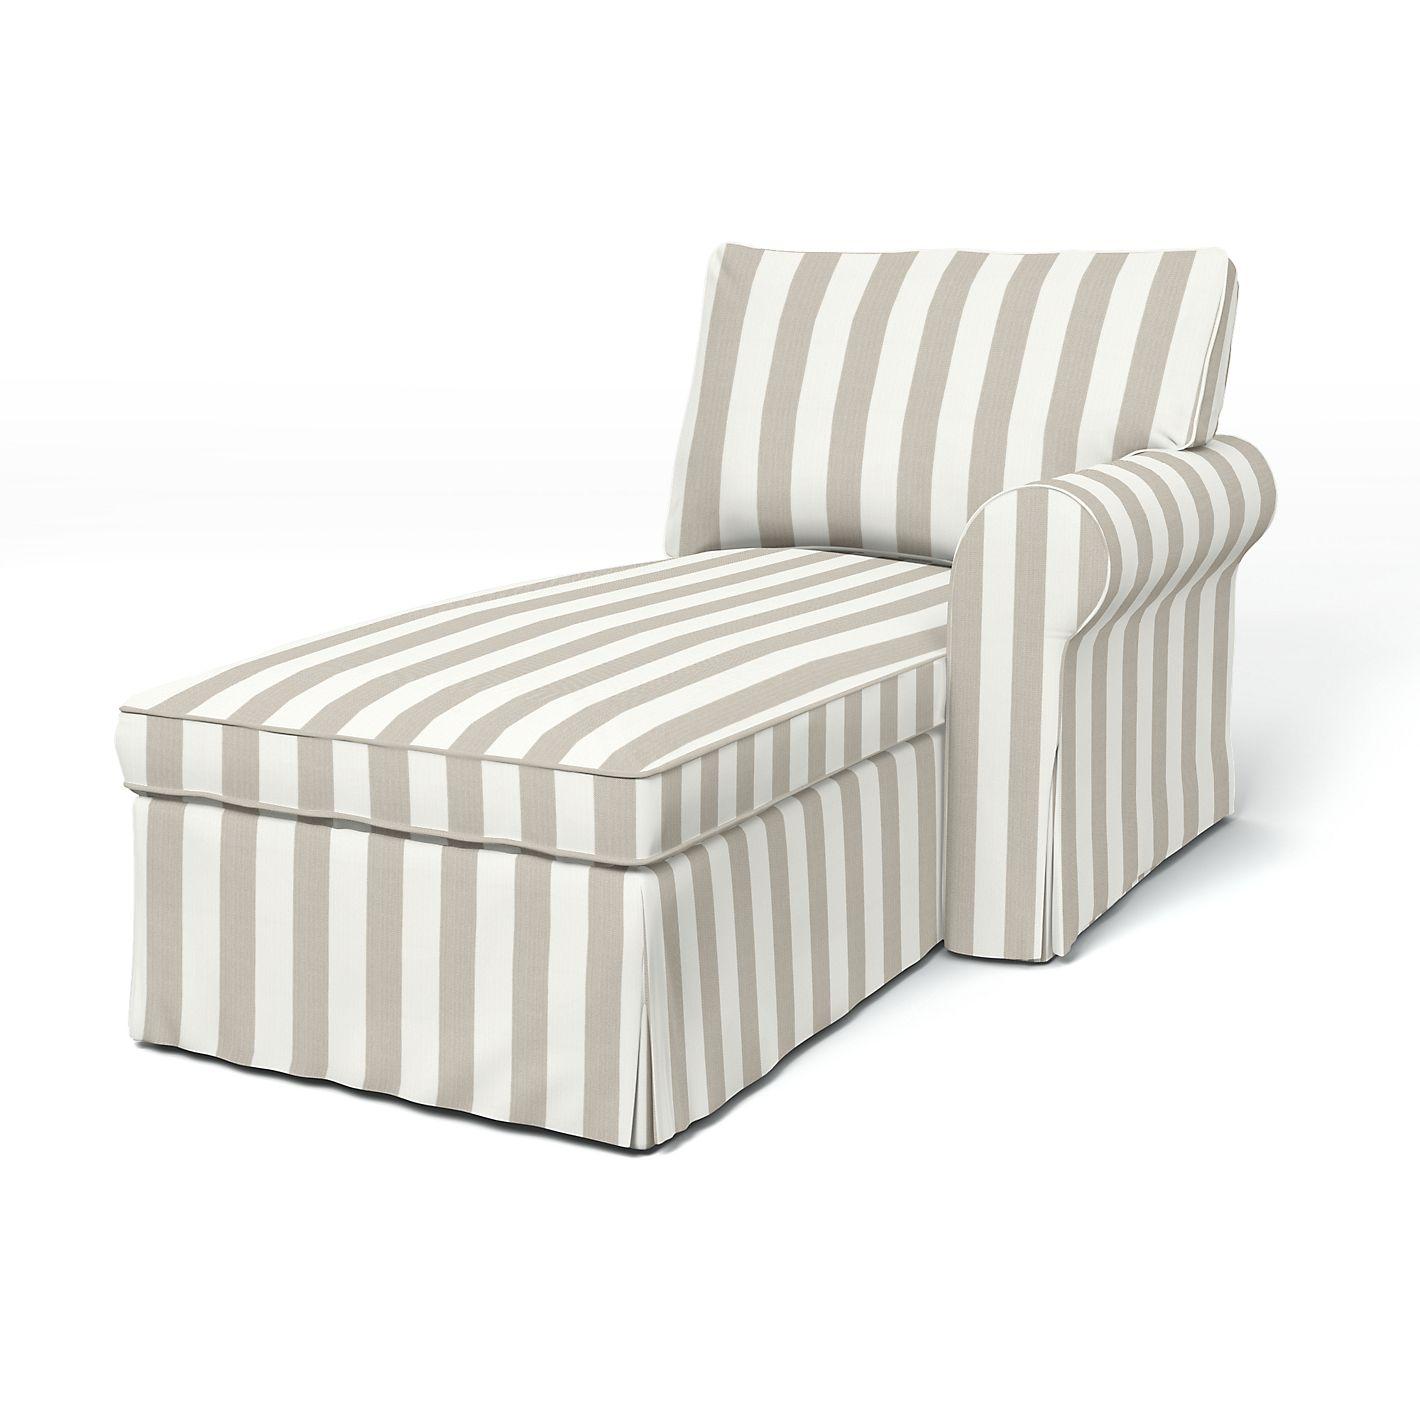 sofabez ge ektorp bemz. Black Bedroom Furniture Sets. Home Design Ideas